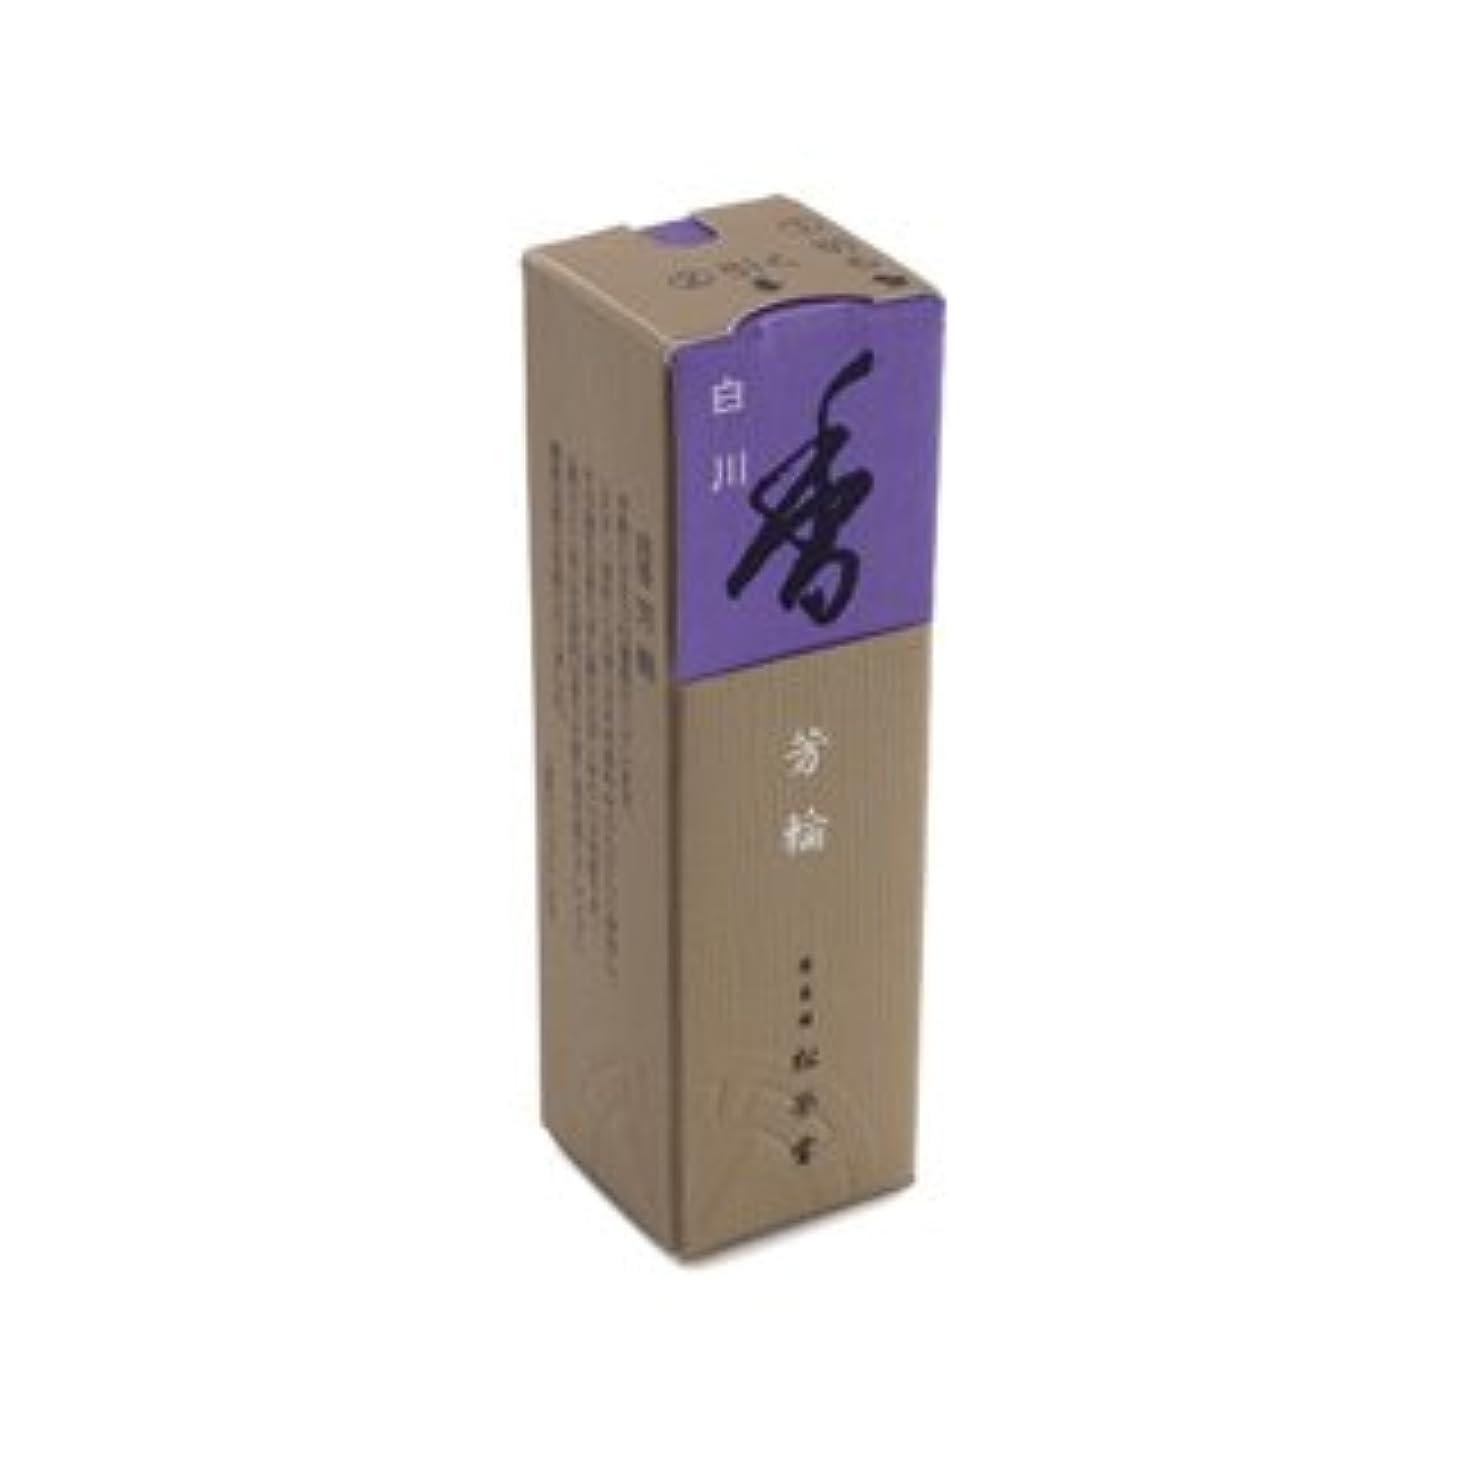 試用反響する中世のShoyeido - Horin Incense Sticks White River - 20 Stick(s) by Shoyeido